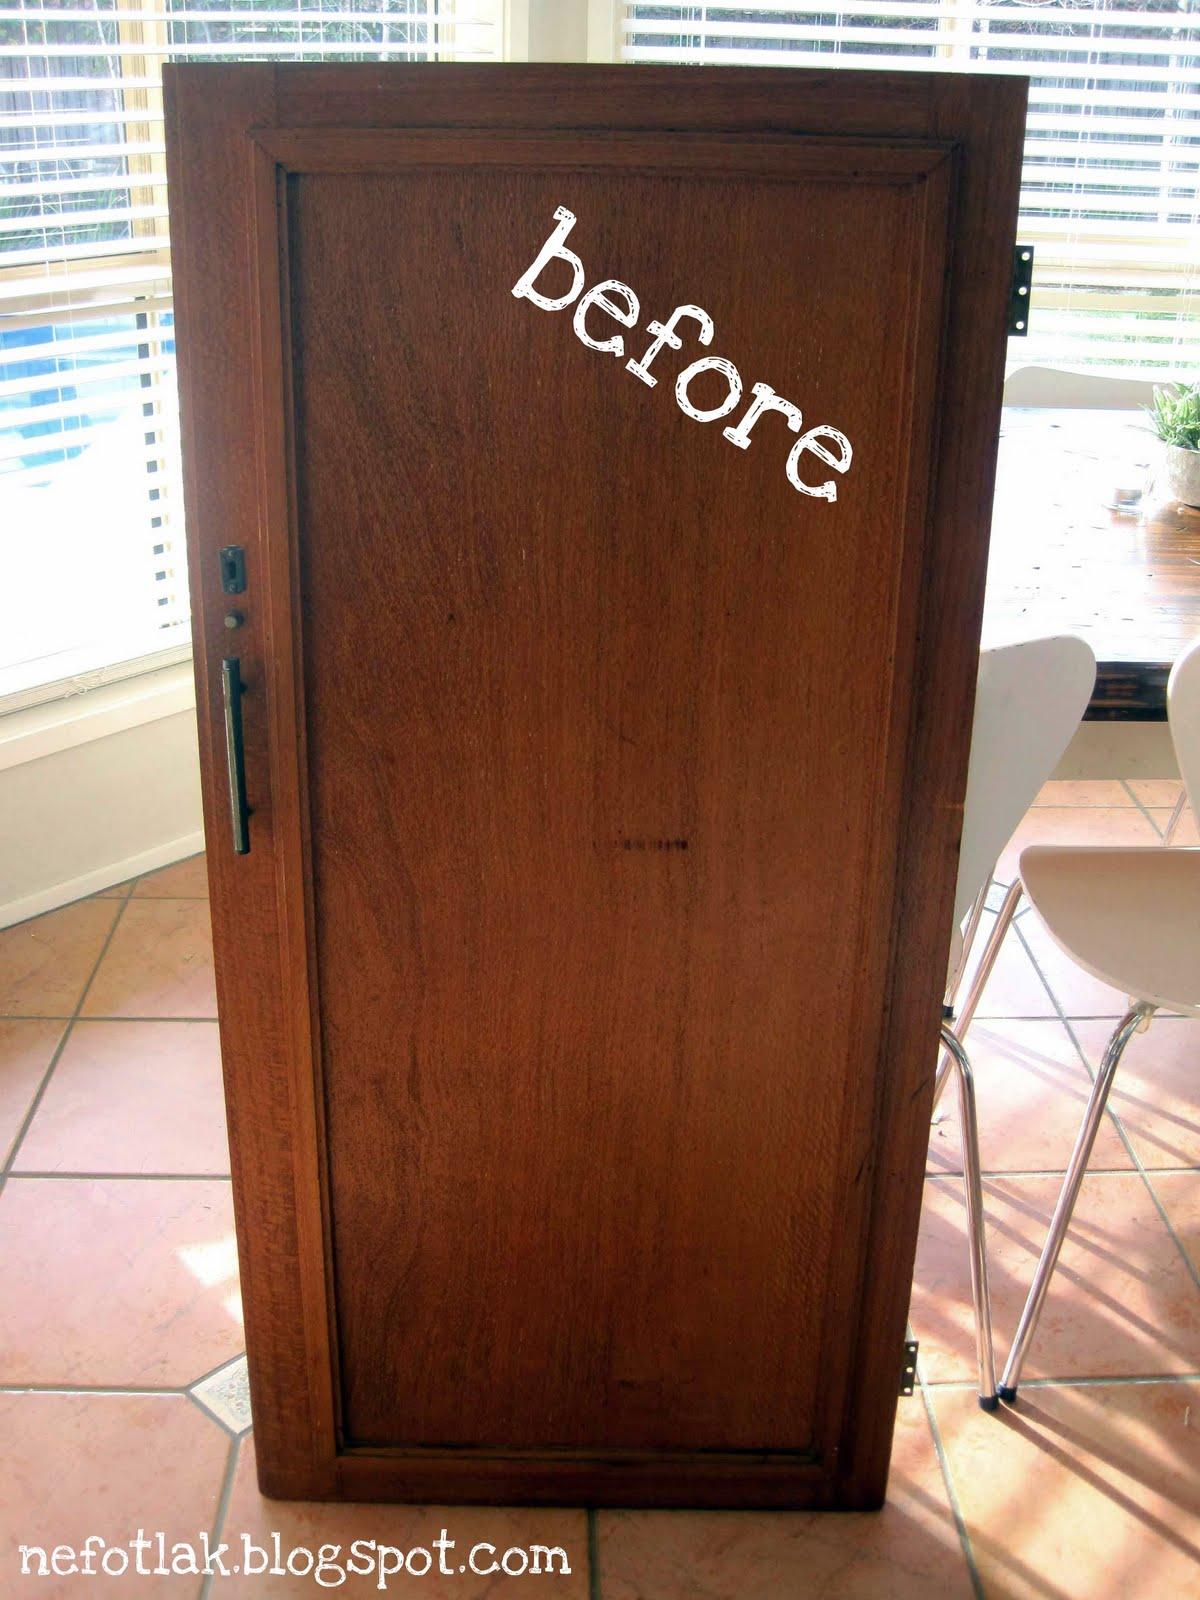 Nefotlak Goob 39 S Room Upcycled Door To Mirror